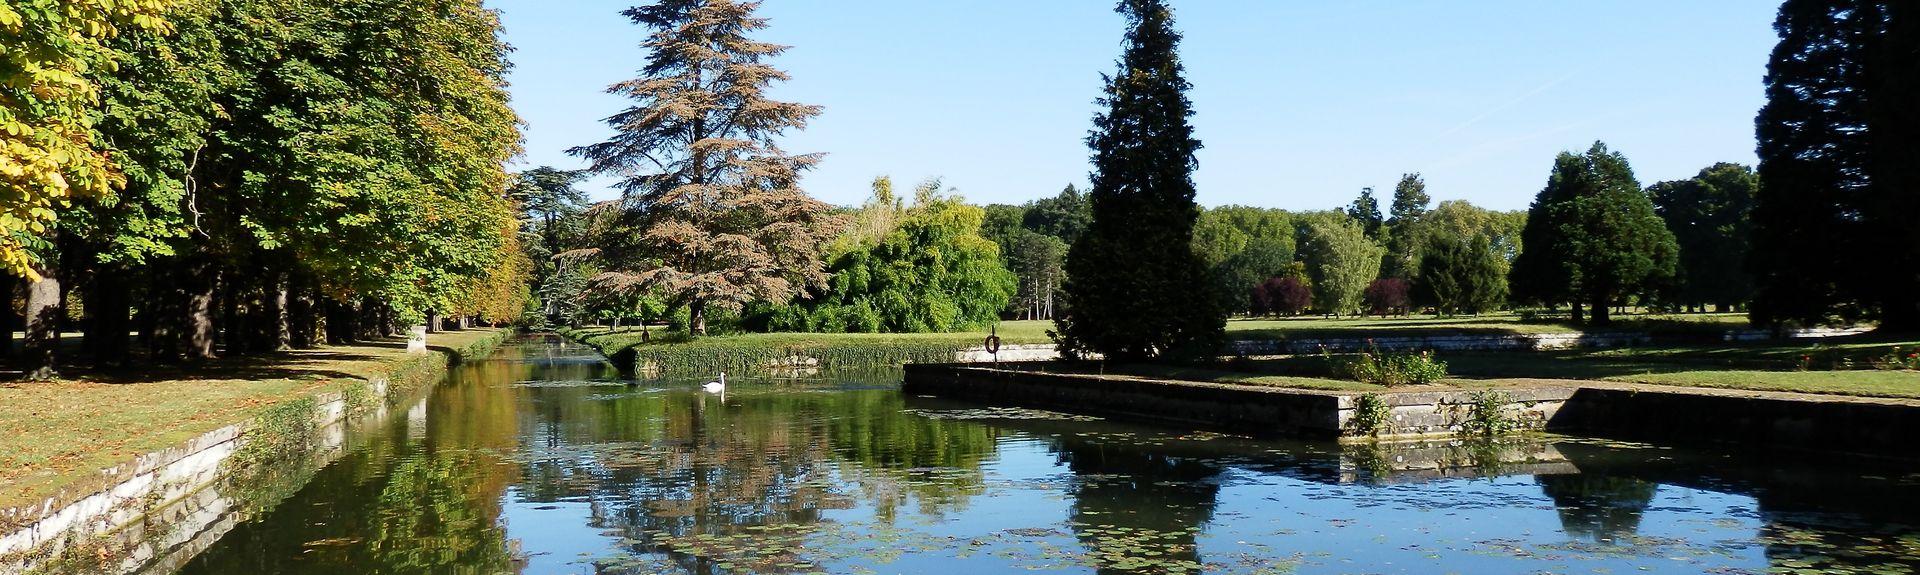 Sérigny, France